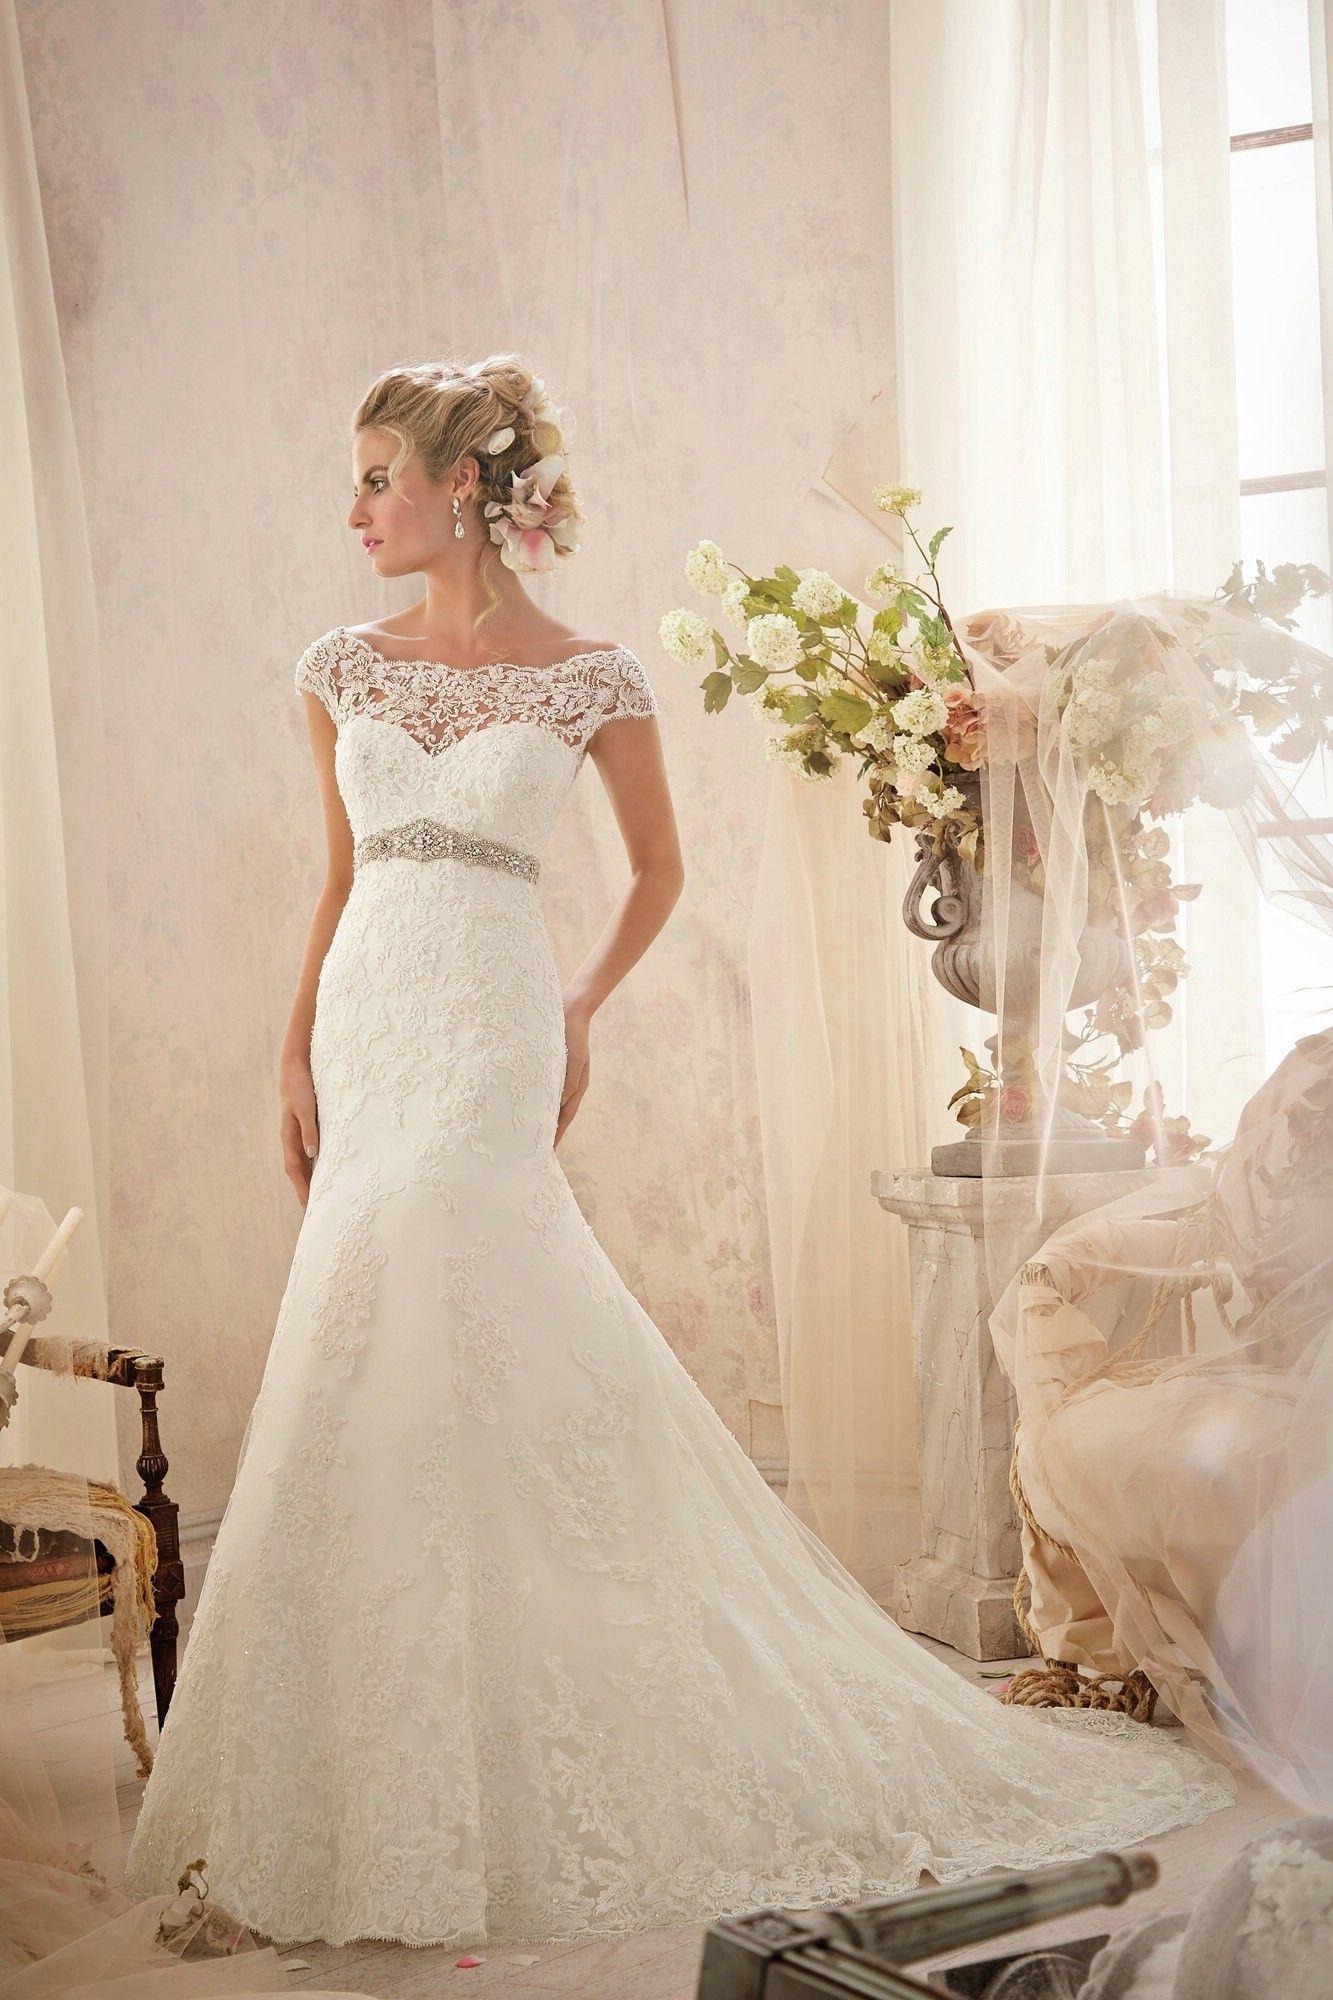 Mori lee madeline gardner wedding dress  Wedding Dresses Bridesmaid Dresses Prom Dresses and Bridal Dresses